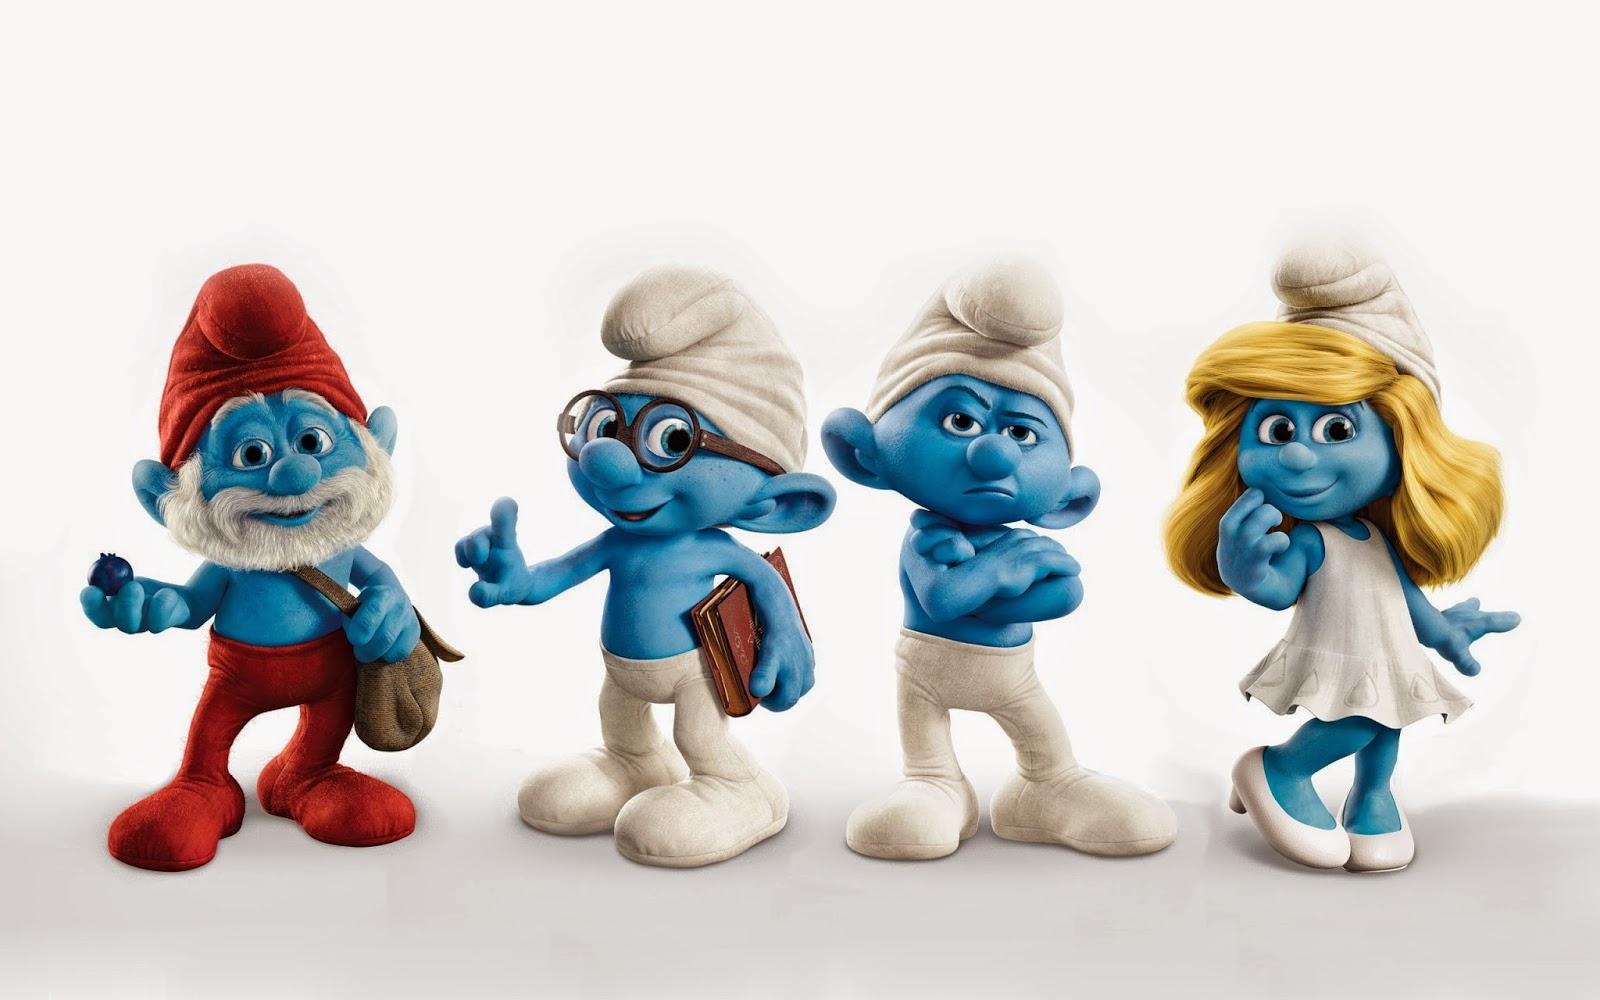 Kumpulan Gambar The Smurfs Gambar Lucu Terbaru Cartoon Animation